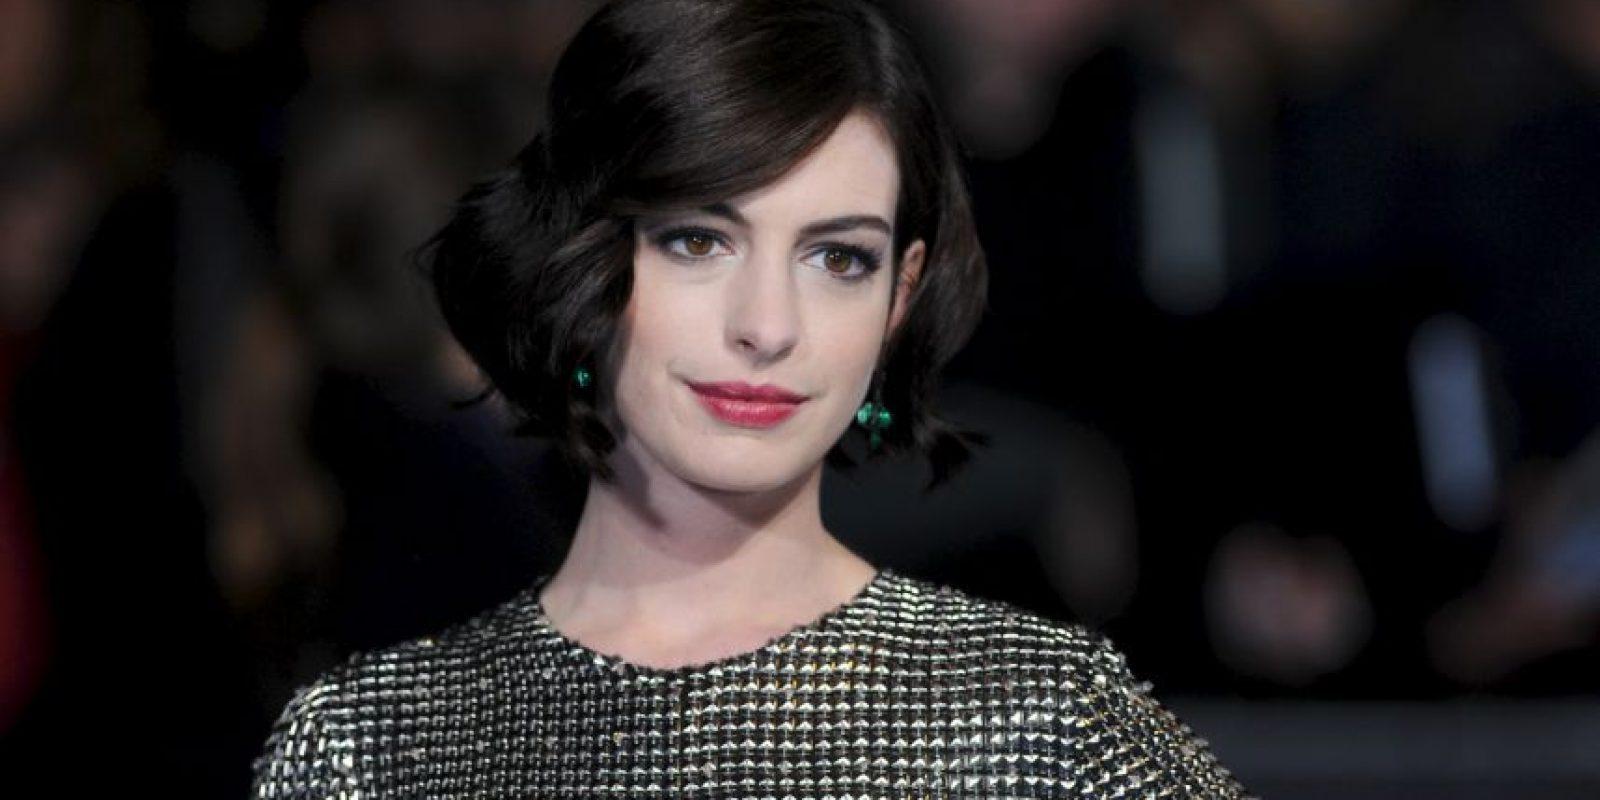 La actriz estrenará su próxima cinta en septiembre Foto:Getty Images